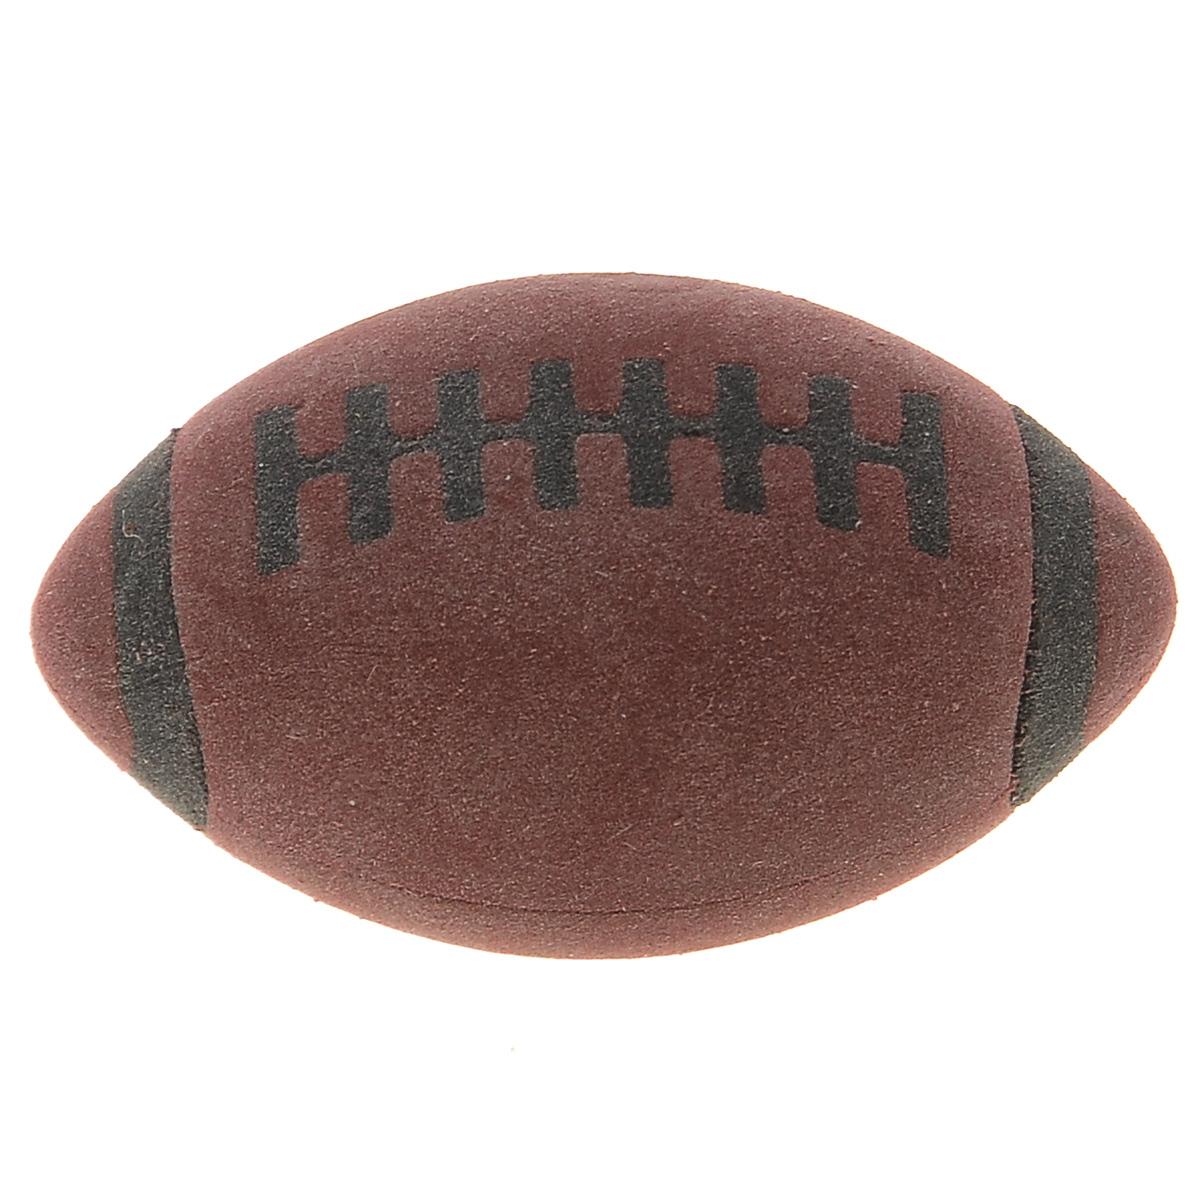 Brunnen Ластик Мяч для регби, цвет: коричневый730396Ластик Мяч для регби станет незаменимым аксессуаром на рабочем столе не только школьника или студента, но и офисного работника. Он легко и без следа удаляет надписи, сделанные карандашом. Ластик имеет форму и окраску в стиле мяча для регби, поэтому его очень удобно держать в руке.